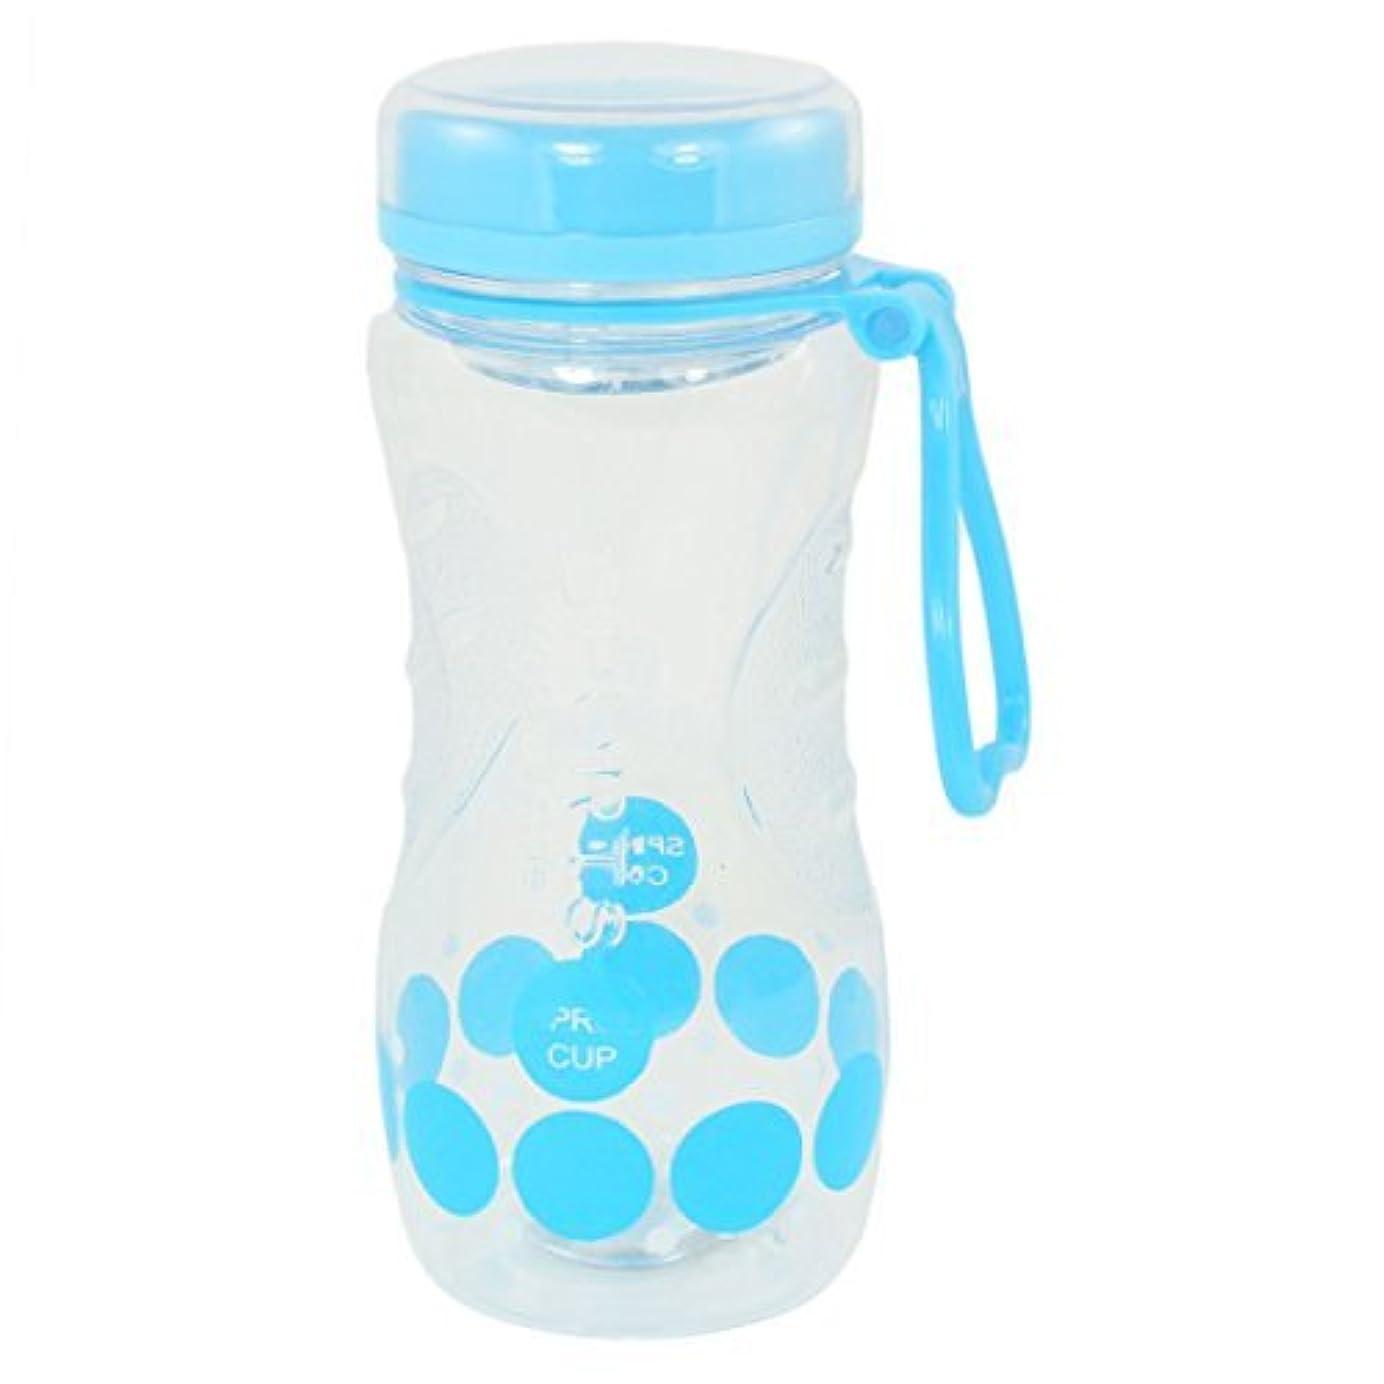 二層試してみる段階ラウンドパターンのプラスチックウォーターボトルドリンクカップ420ミリリットルブルークリア